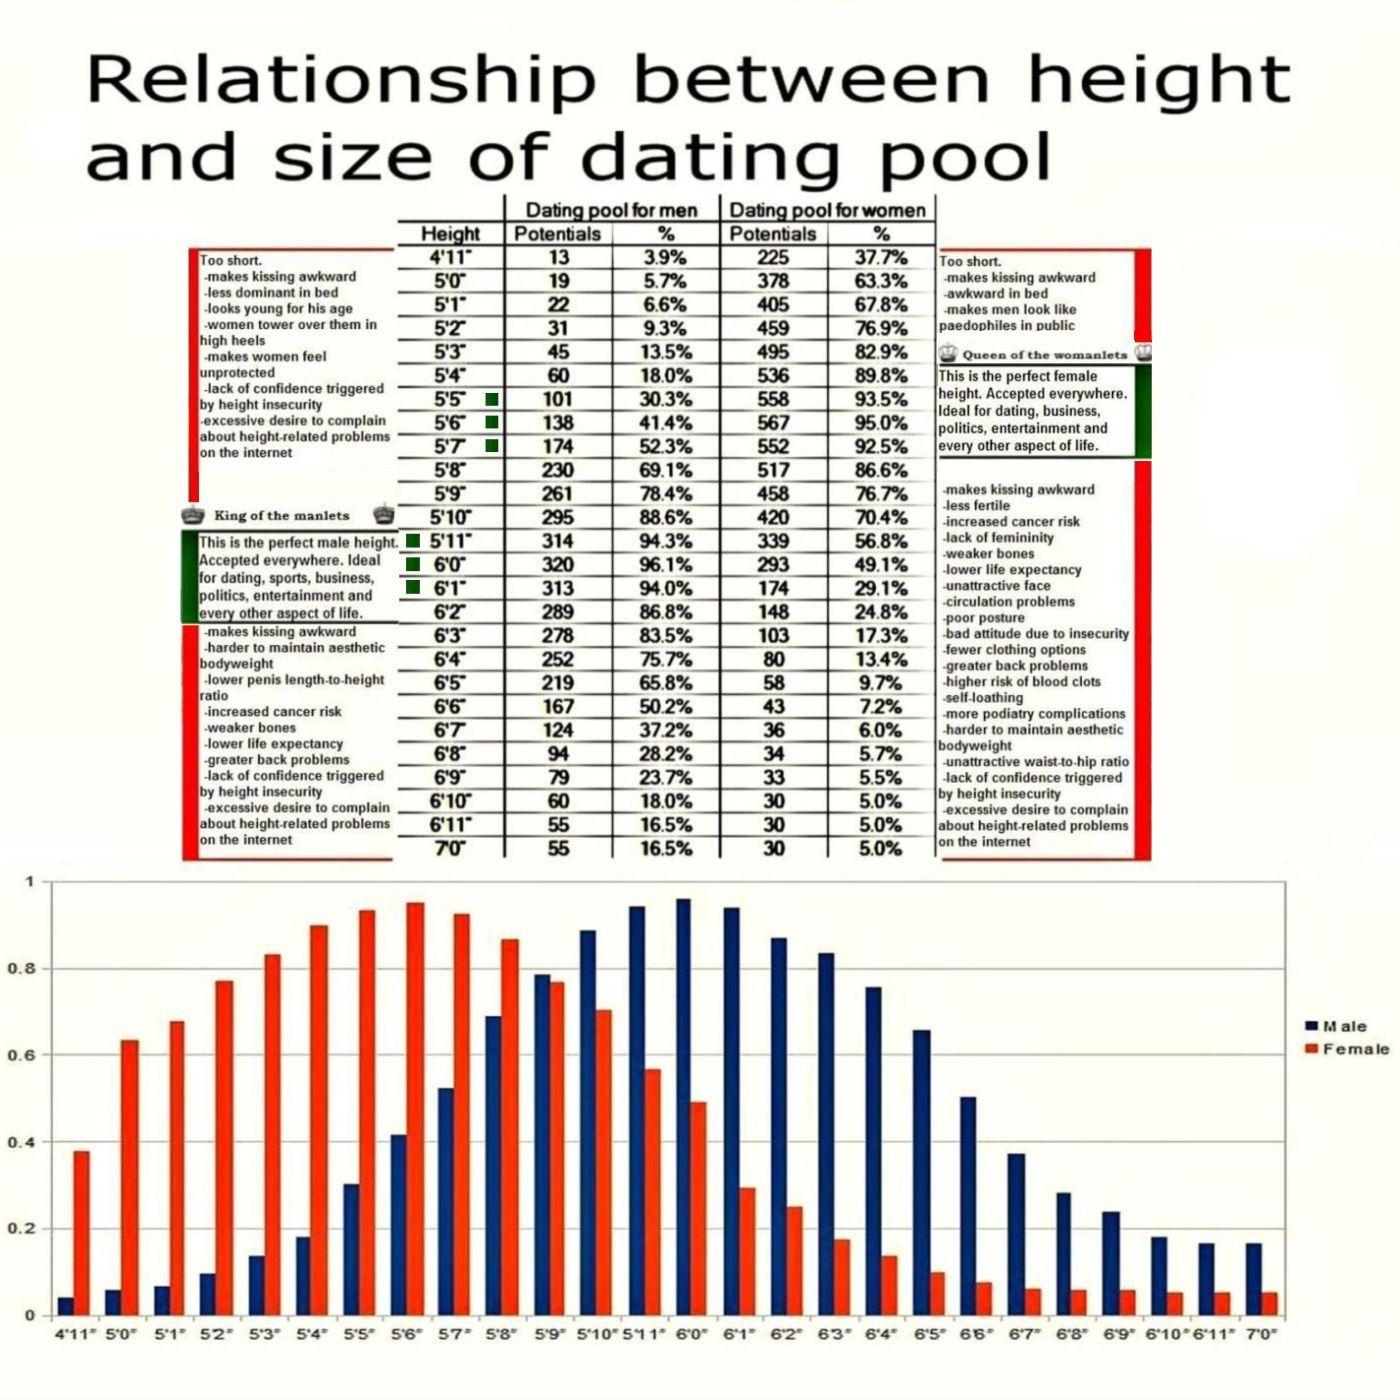 ¿Cuál creeis que es la altura ideal de una mujer? Main-qimg-a1479b20d5e51da1b2d7388adc470a8b-c